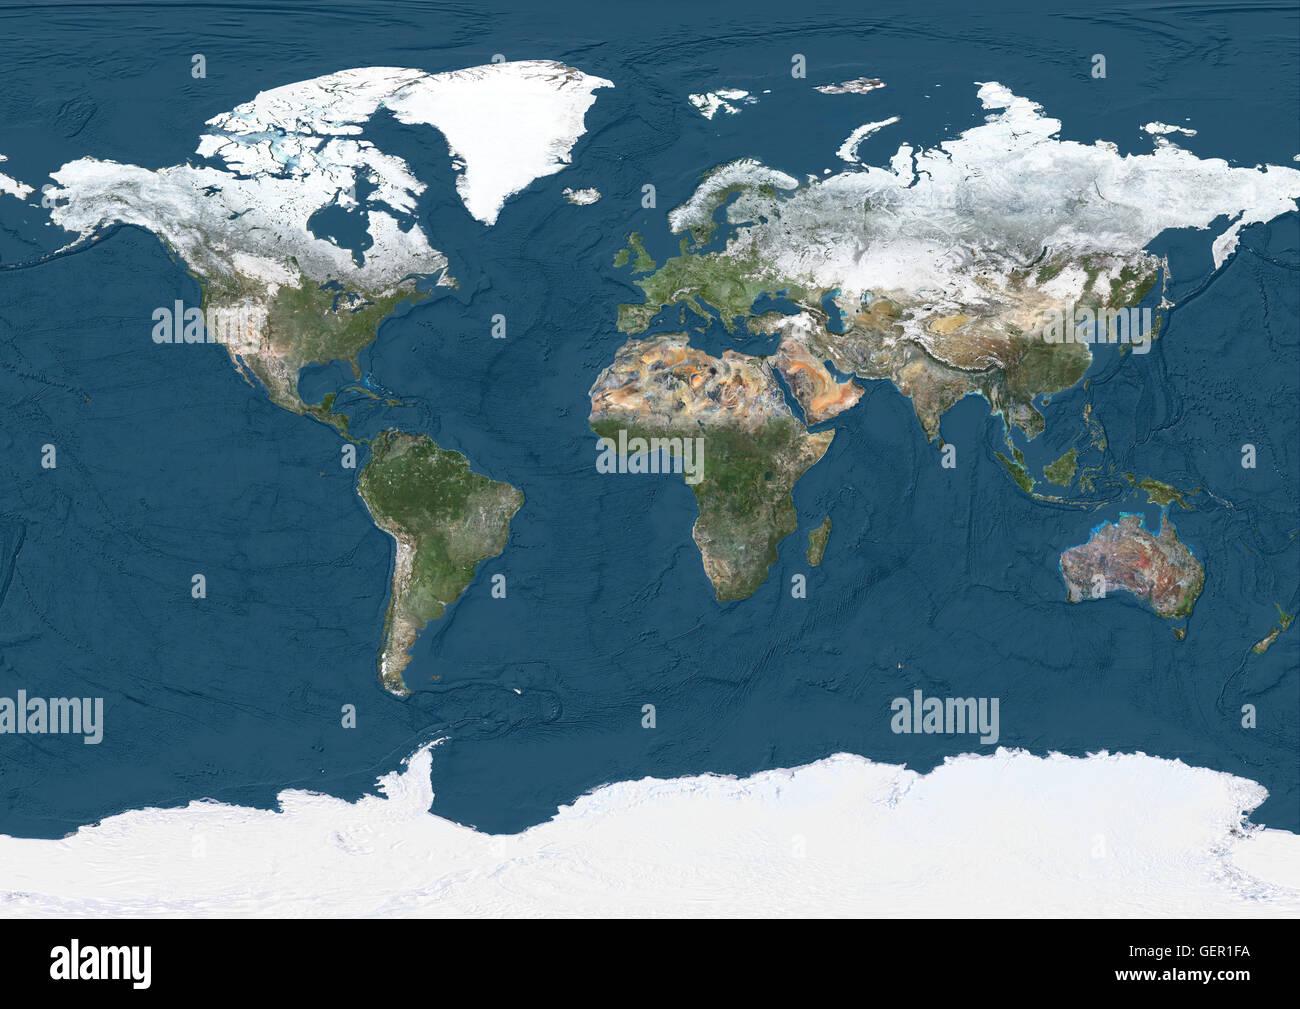 Mapa satelital mundial en invierno, con nieve y parcial muestra profundidades oceánicas. Esta imagen fue compilado a partir de datos adquiridos por los satélites Landsat 7 y 8. Foto de stock